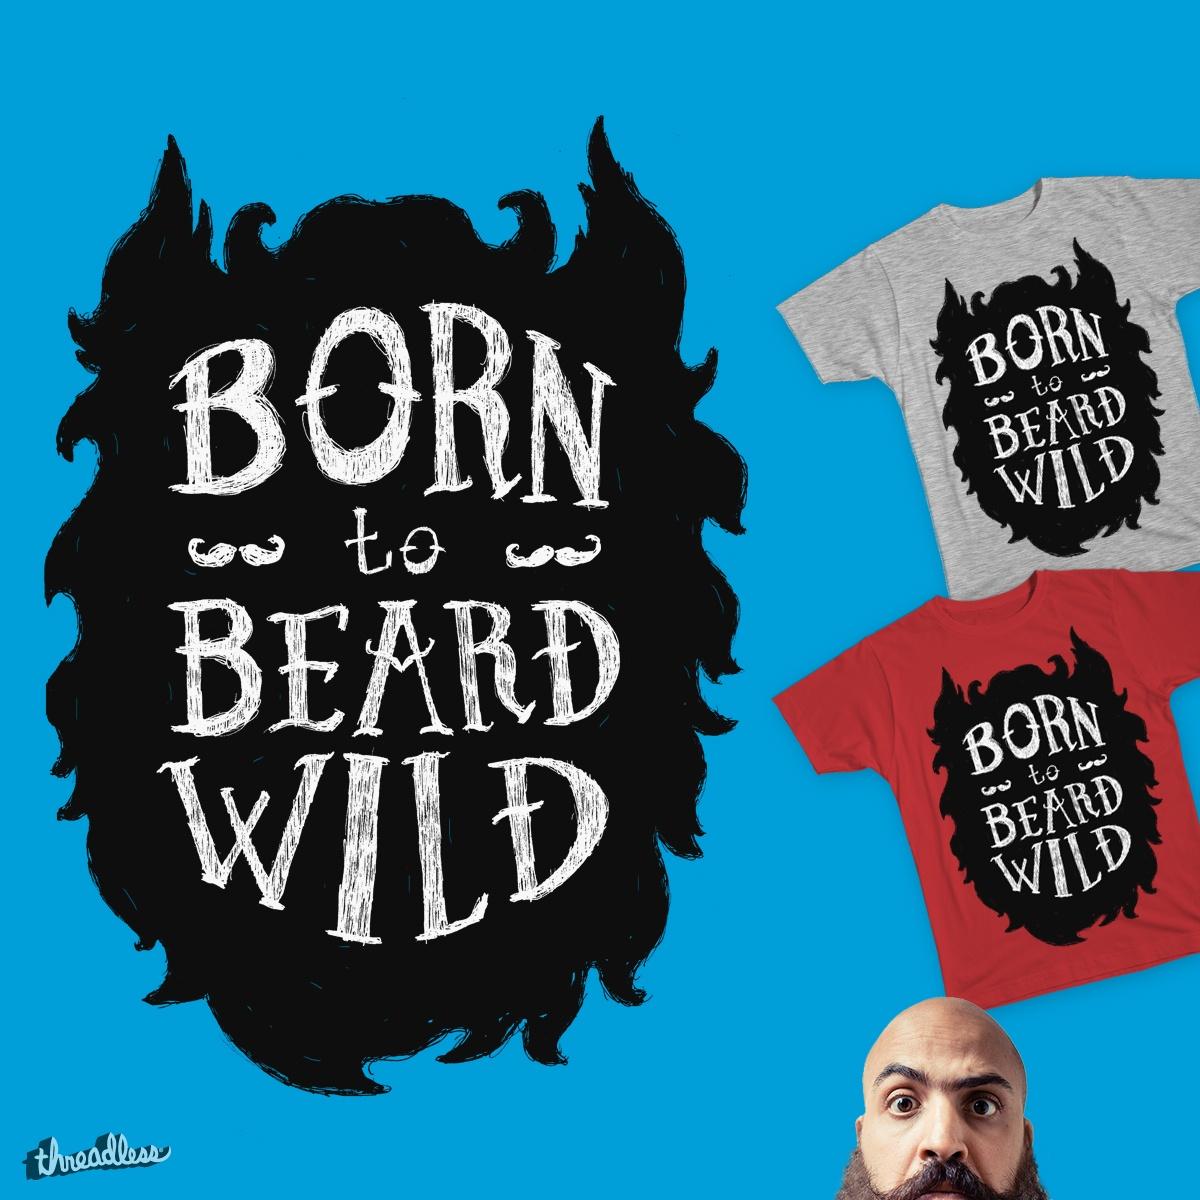 Born to Beard Wild by Fowlken on Threadless